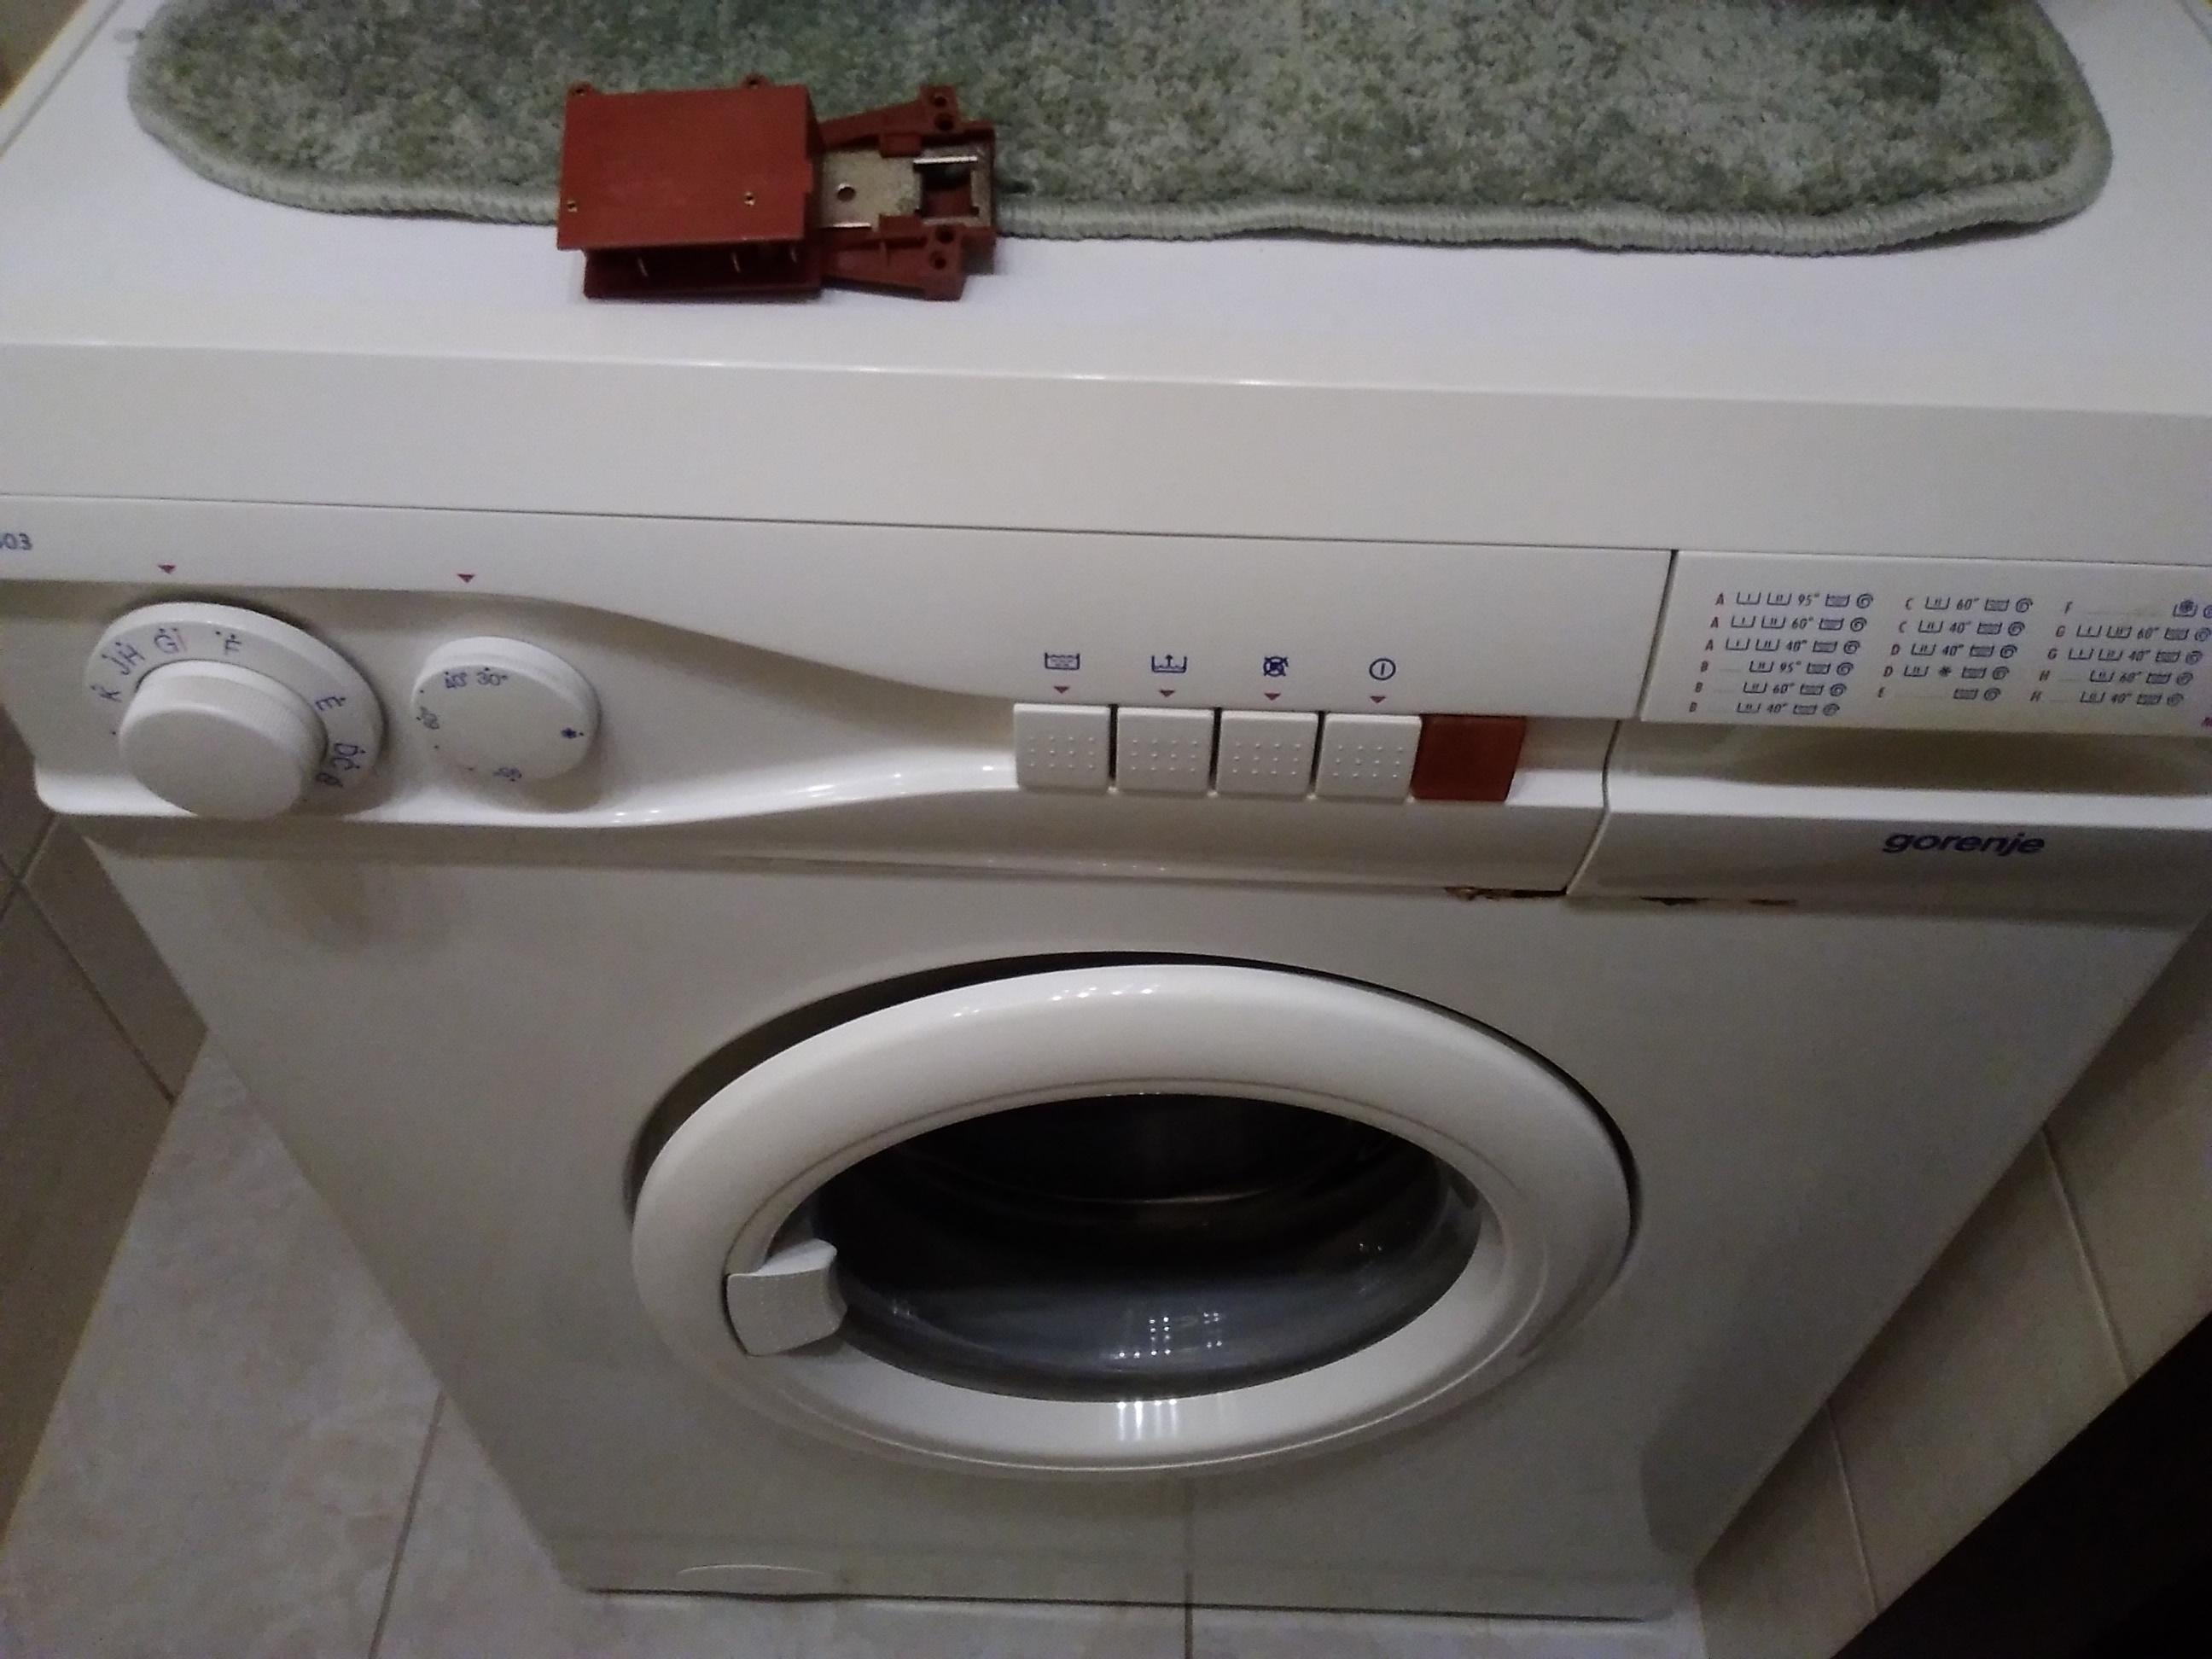 Wymiana blokady w pralce Gorenje - naprawiaj, nie wyrzucaj